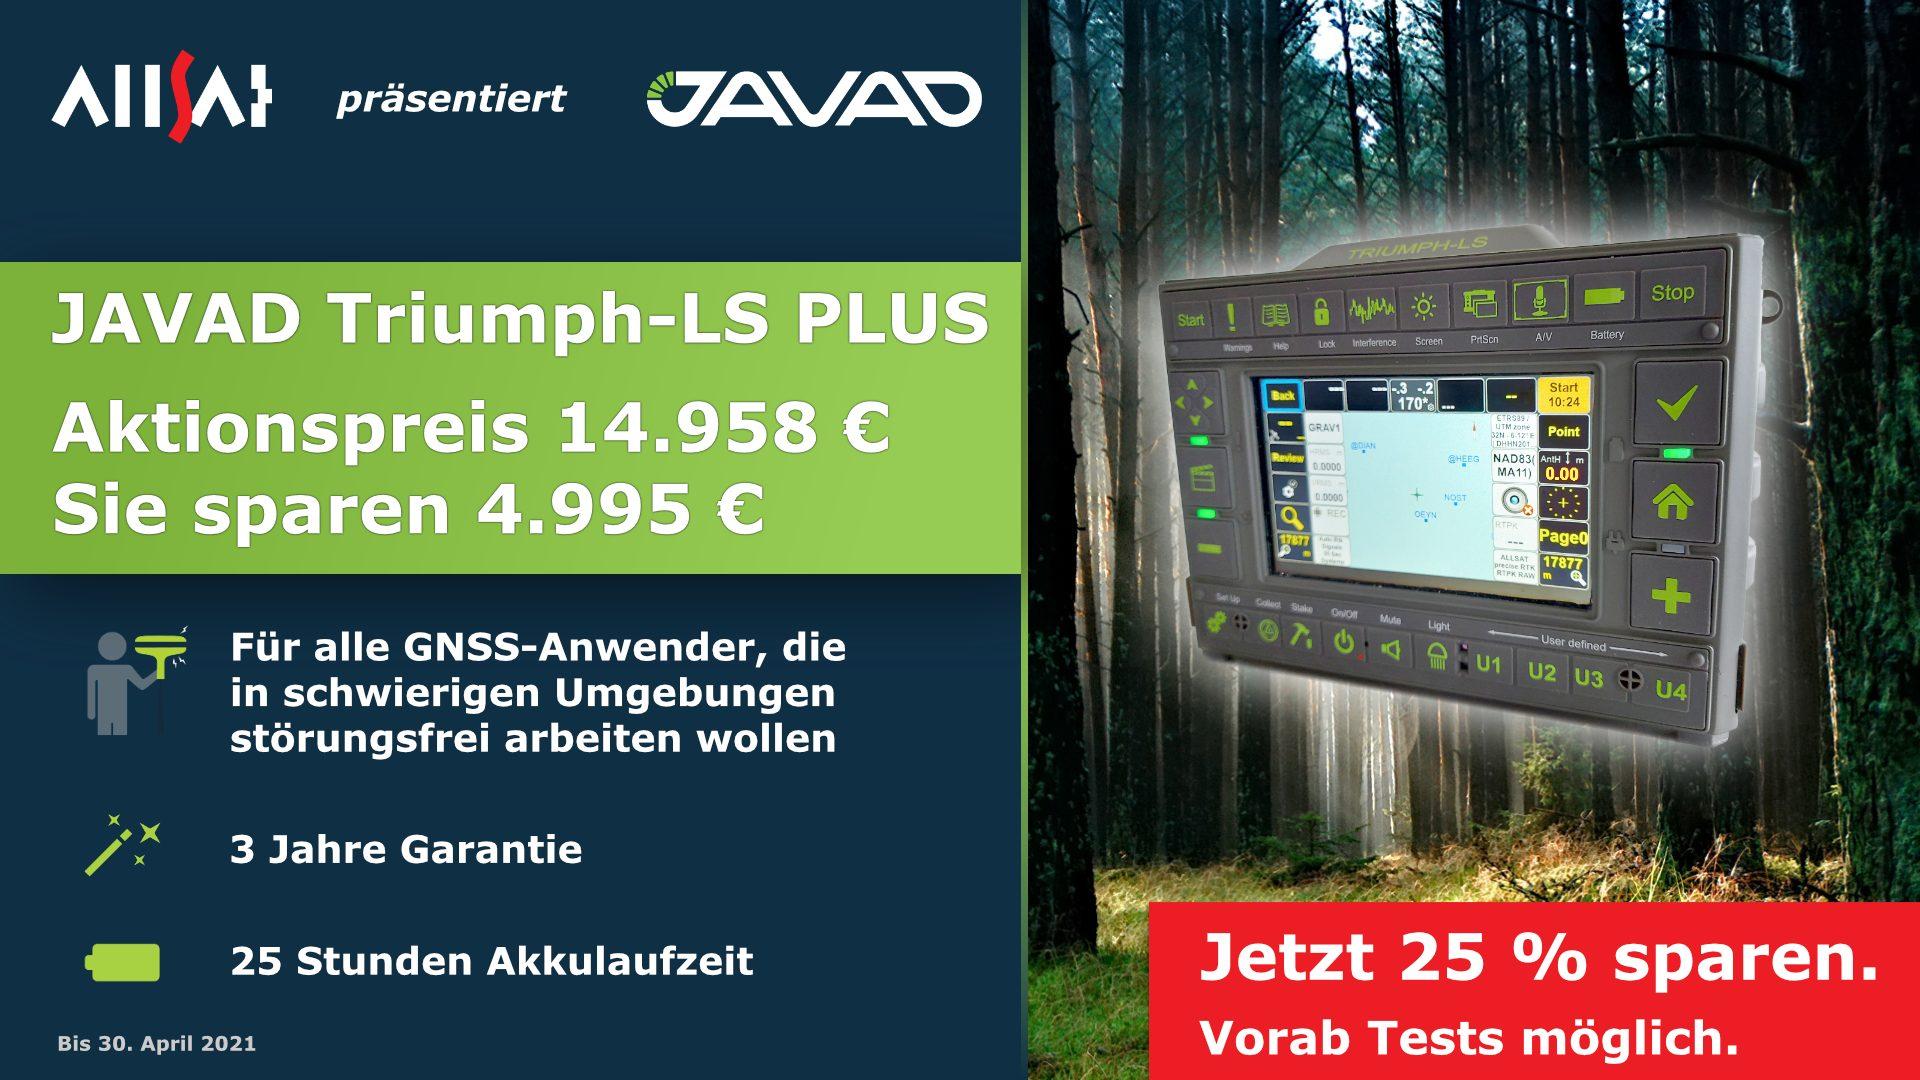 GNSS-Frühlings-Spezial  auch beim JAVAD Triumph-LS Plus